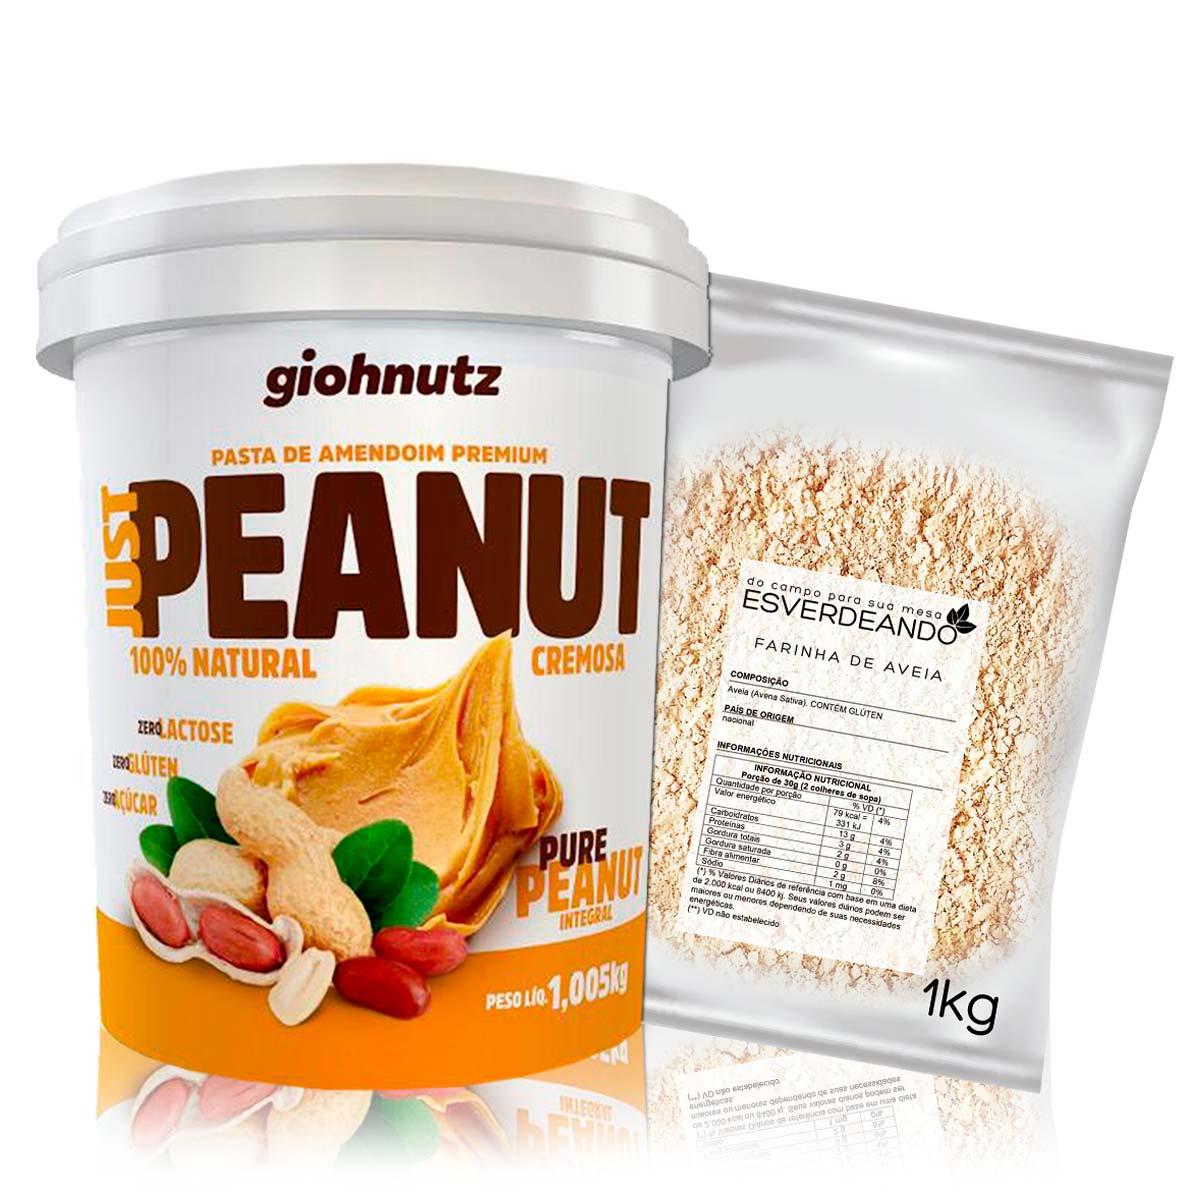 Kit Pasta de Amendoim Cremosa 1kg + Farinha de Aveia 1kg - Giohnutz/Esverdeando